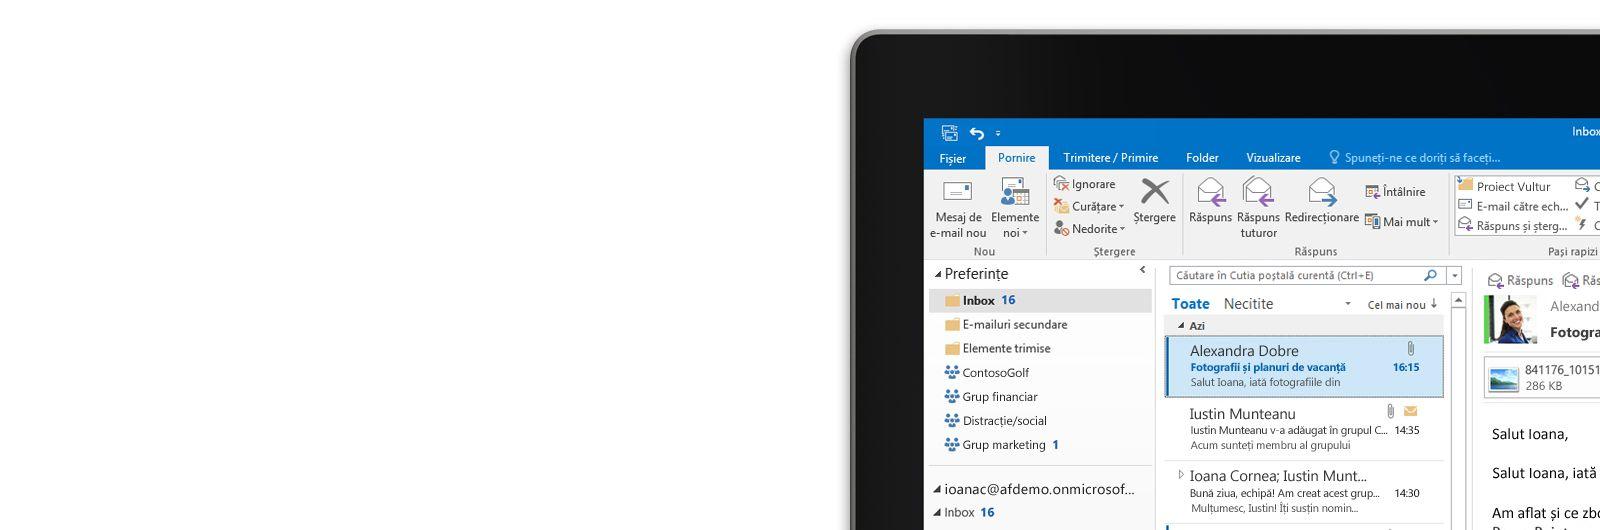 O tabletă ce afișează un inbox din Microsoft Outlook 2013, cu o listă de mesaje și o previzualizare a unui mesaj.